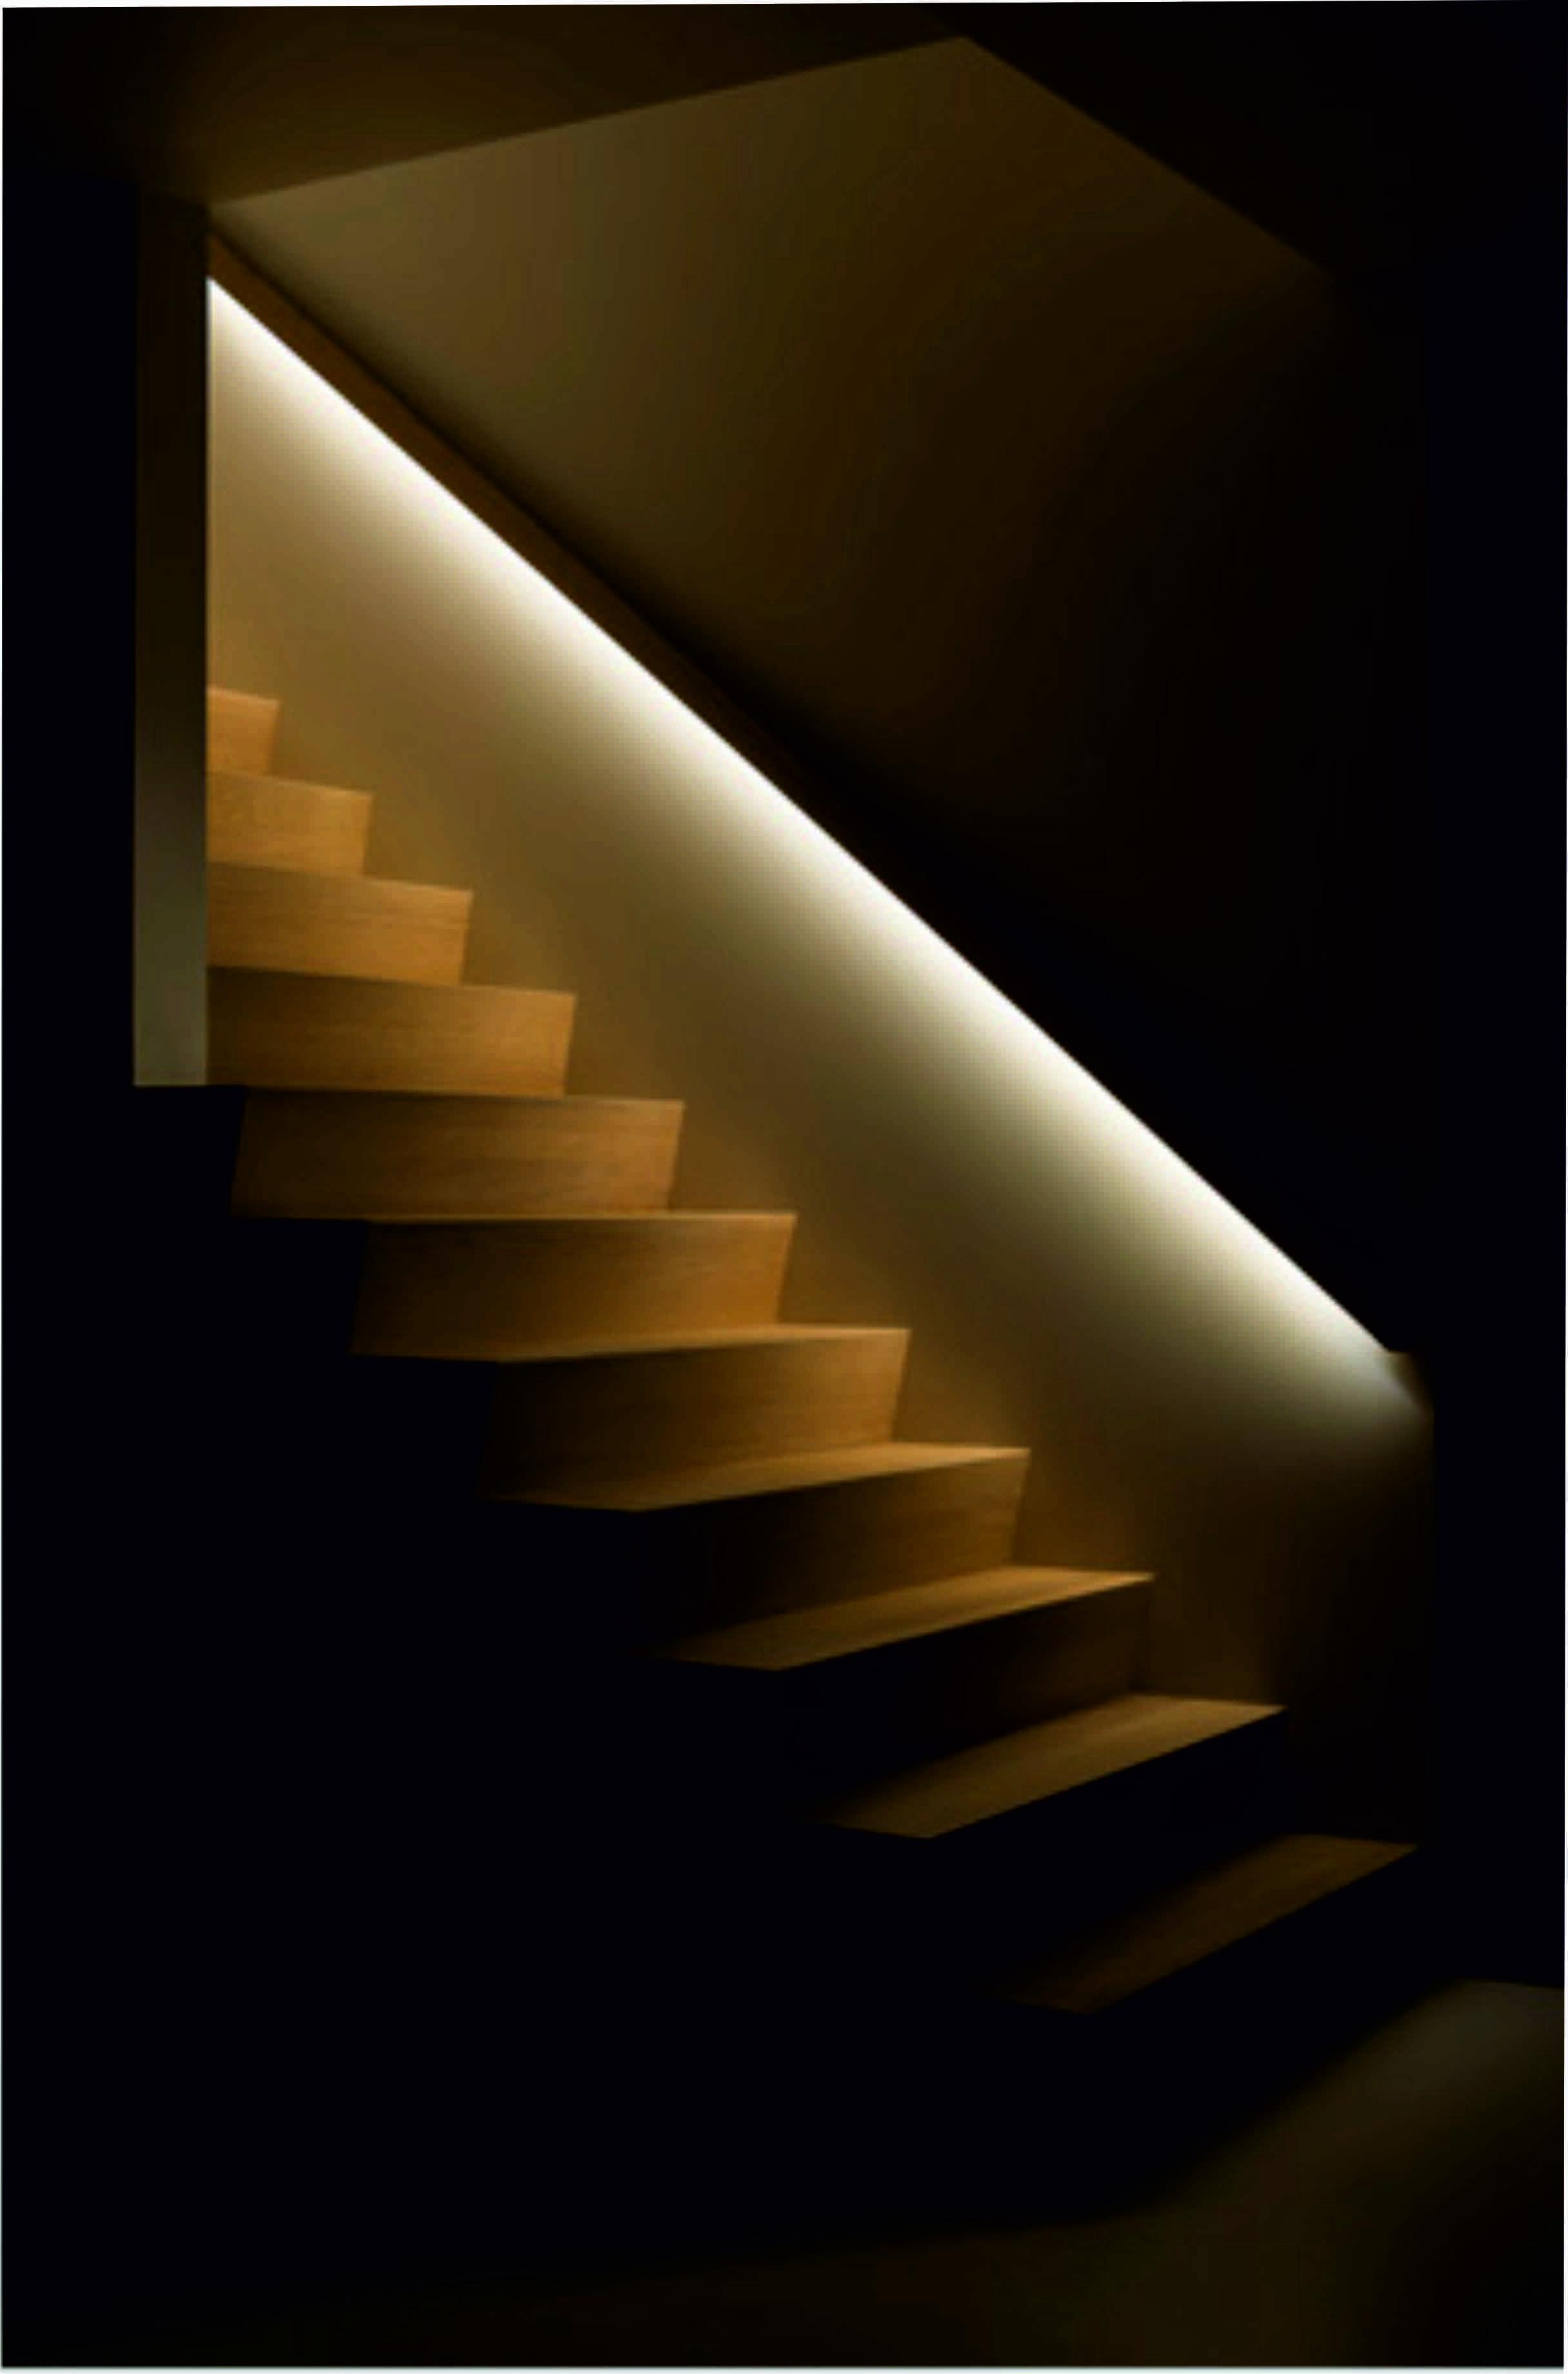 handlauf mit beleuchtung h uschen. Black Bedroom Furniture Sets. Home Design Ideas